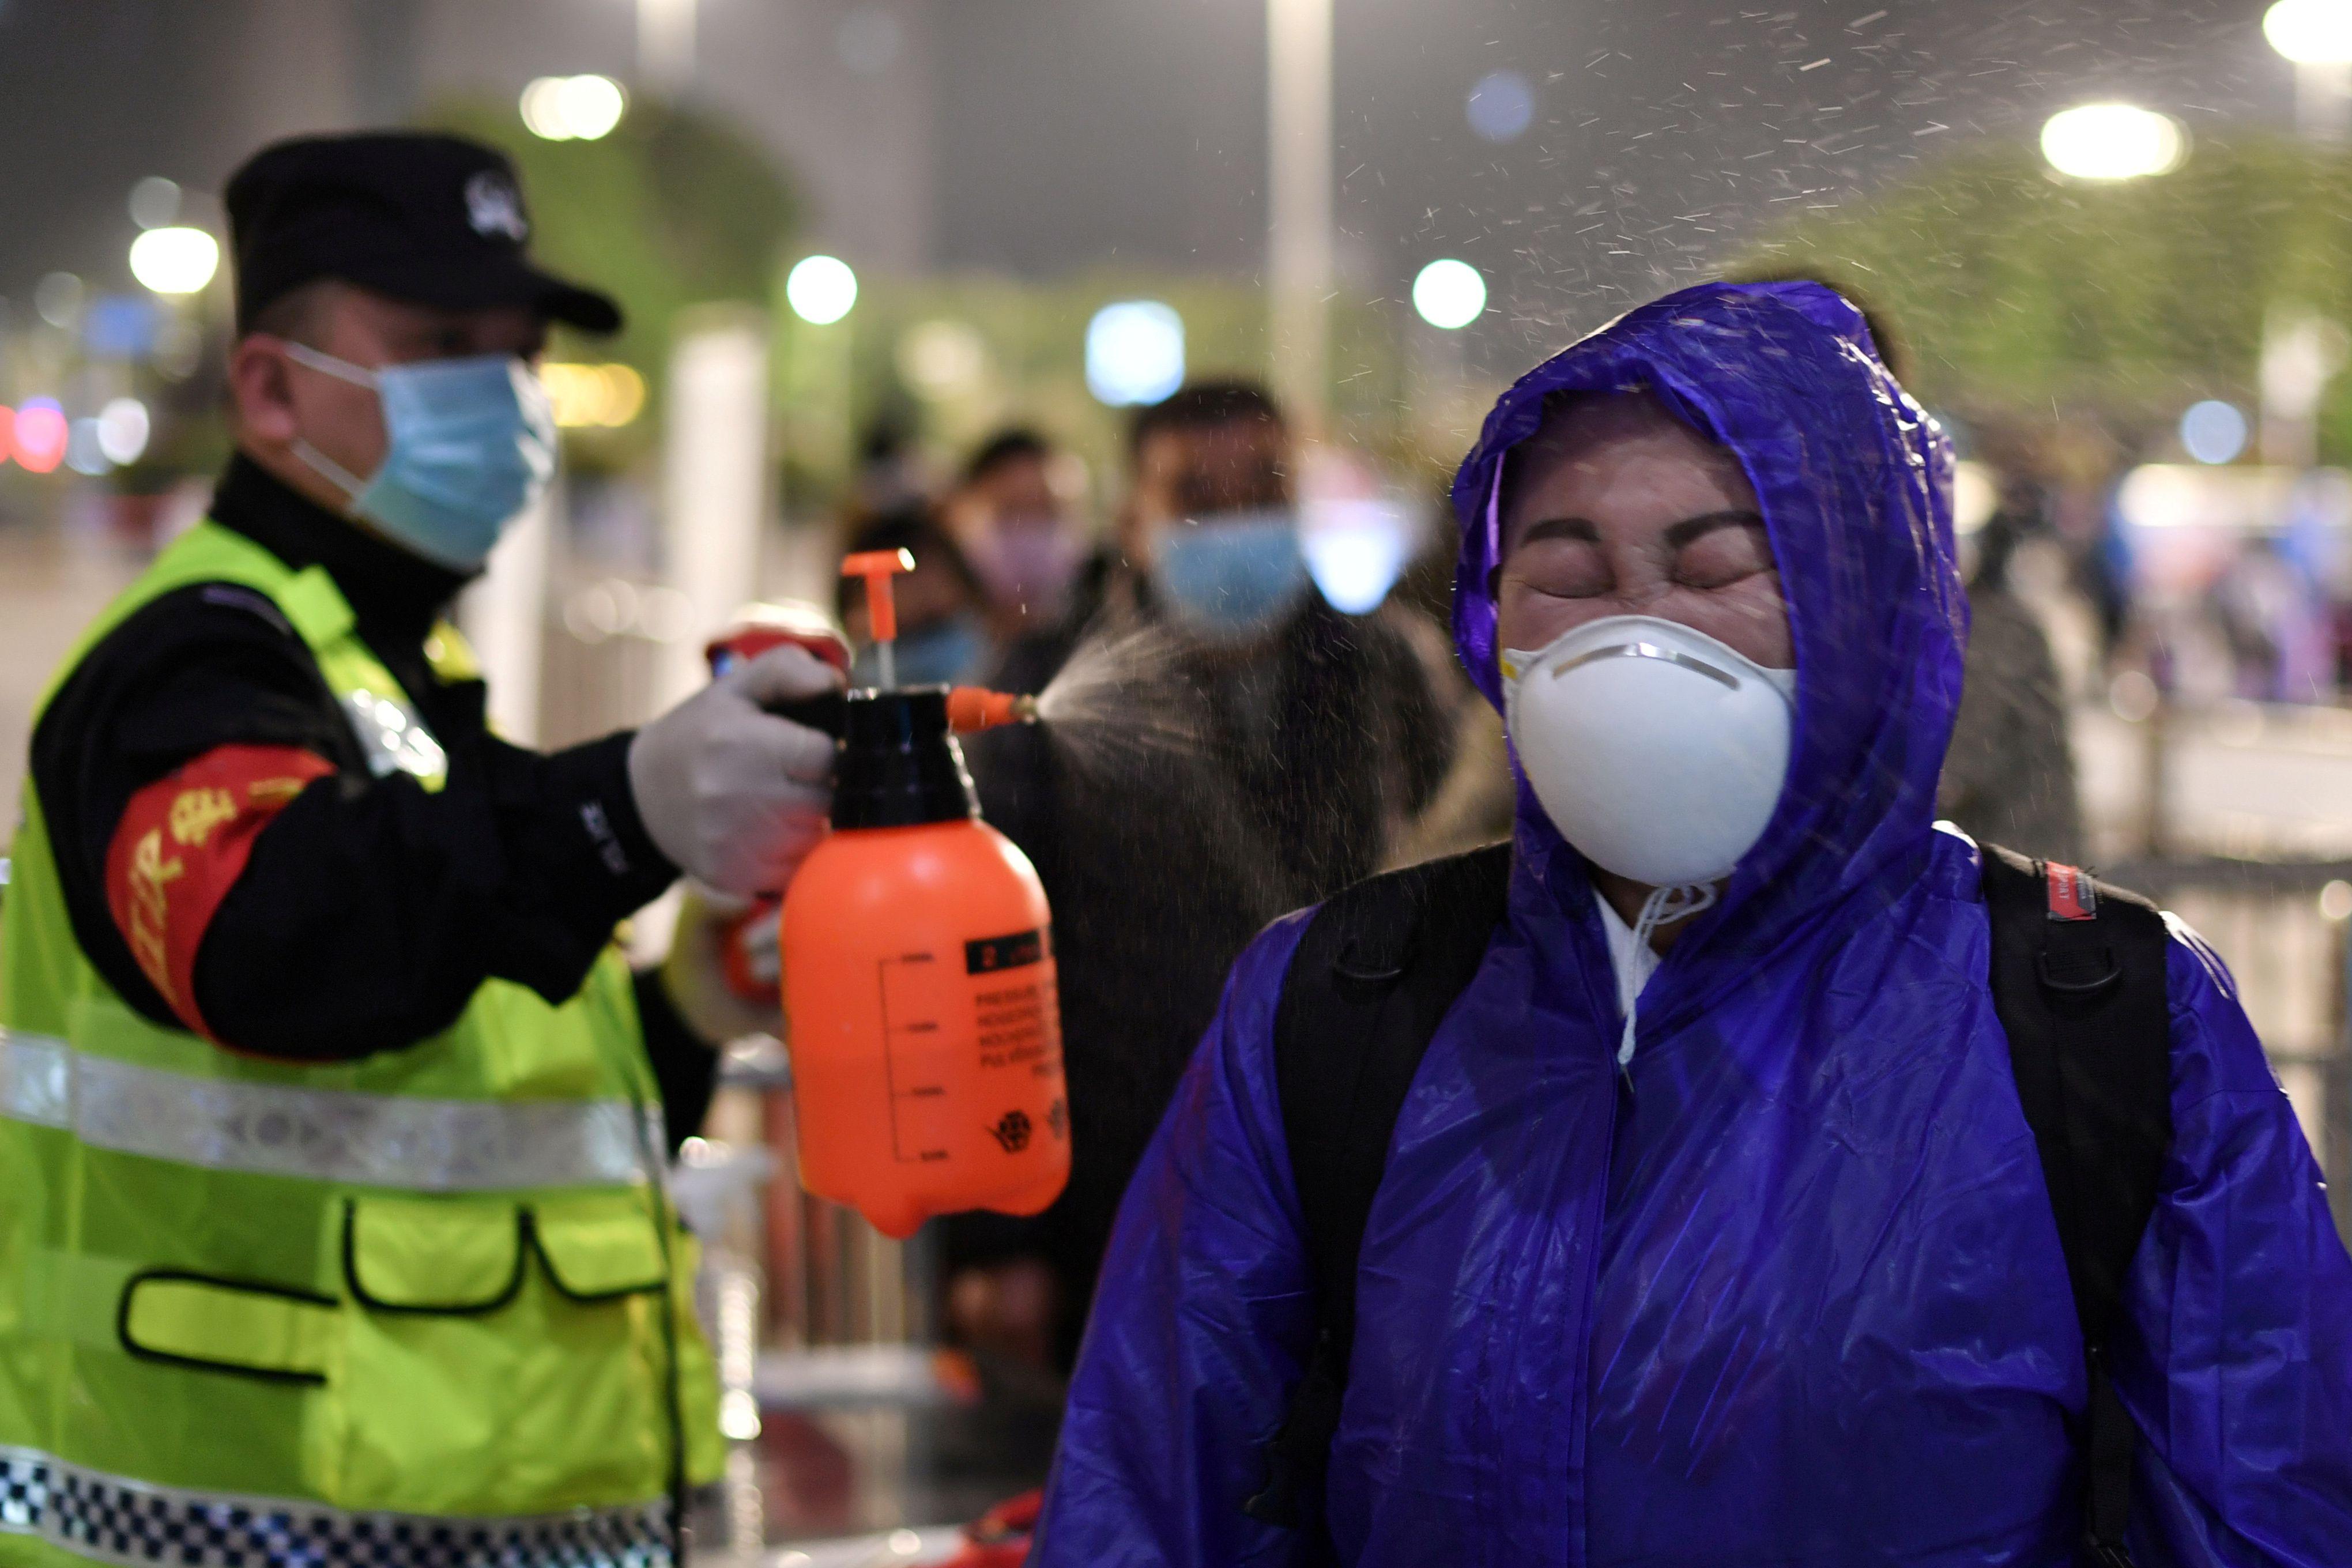 Un oficial de policía rocía desinfectante a una pasajera fuera de la estación de tren de Hankou después de que se levantaran las restricciones de viaje para abandonar Wuhan, la capital de la provincia de Hubei y el epicentro del nuevo brote de la enfermedad por coronavirus (Reuters)